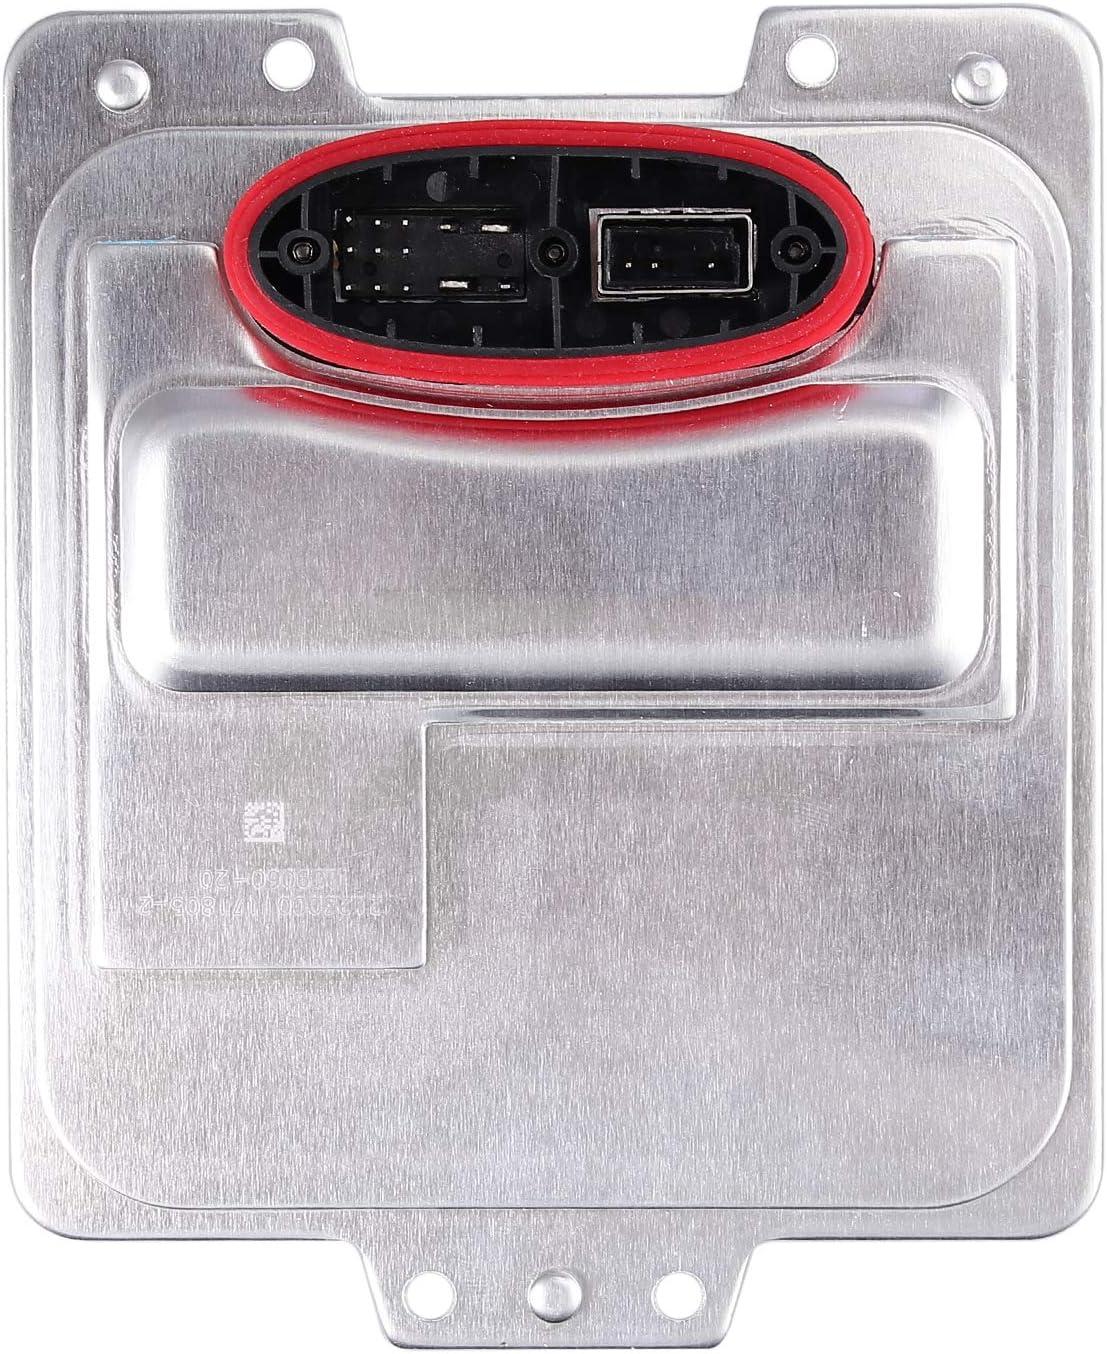 5dc009060 20 Xenon Scheinwerfer Steuergerät 5dc 009 Elektronik